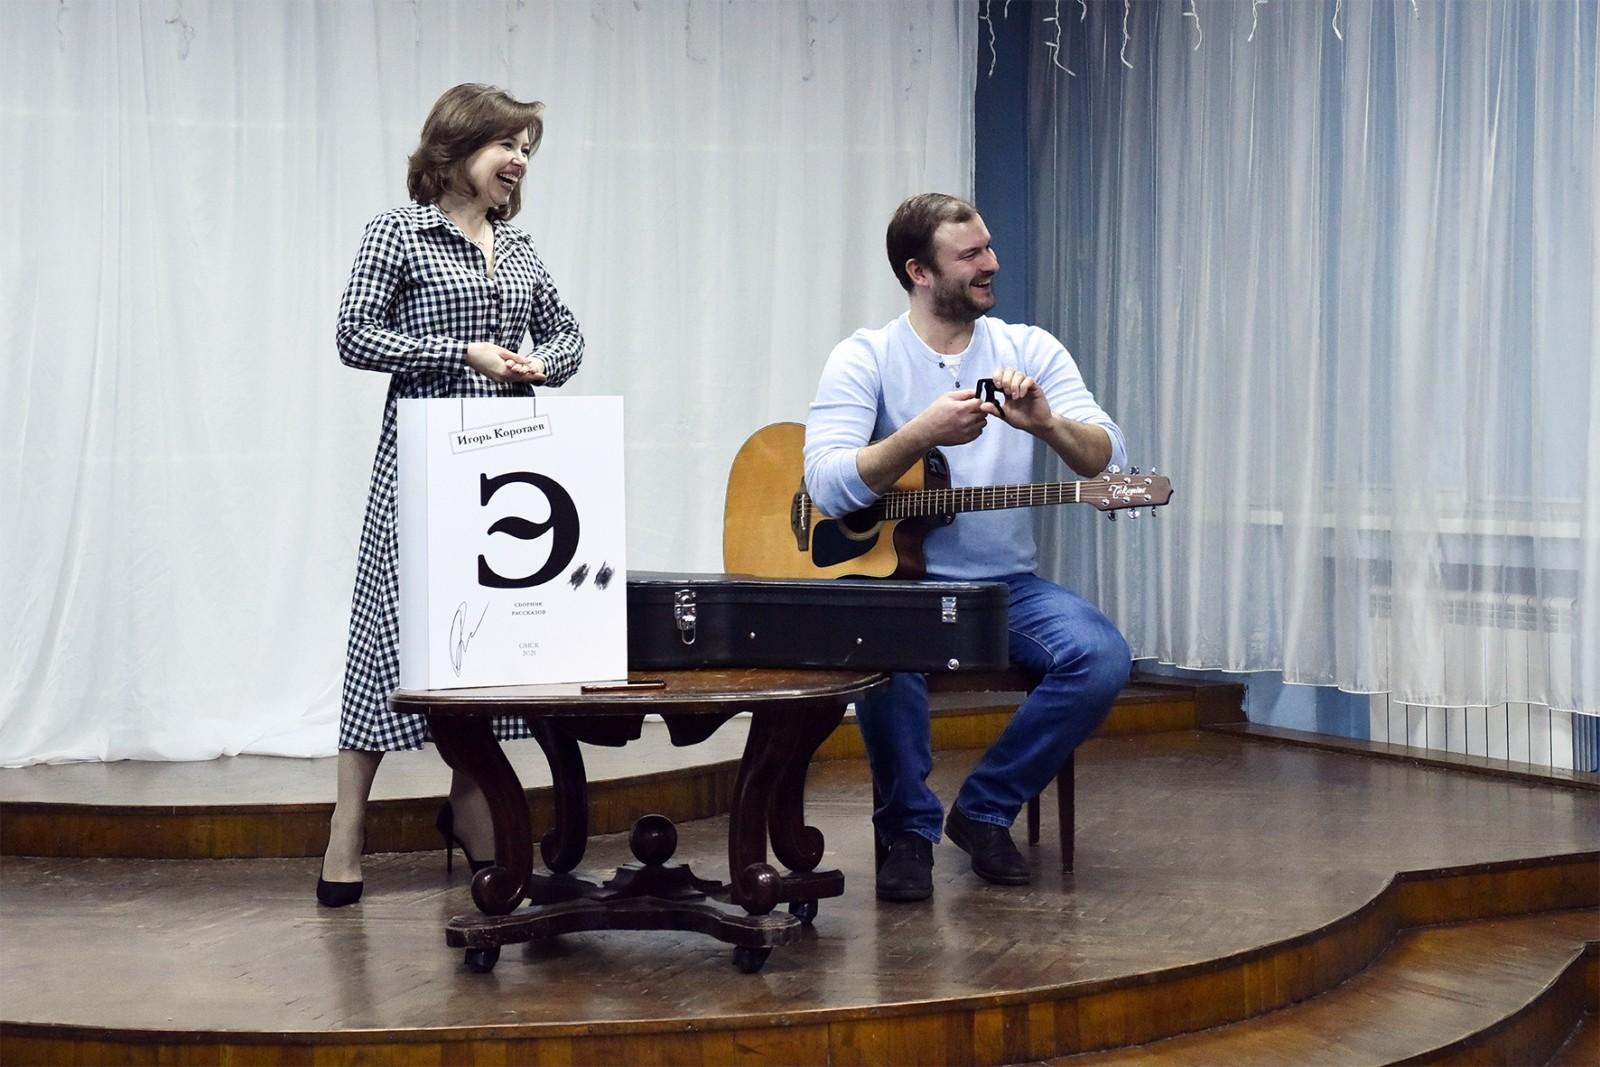 Артист Лицейского театра Игорь Коротаев презентовал свою первую книгу